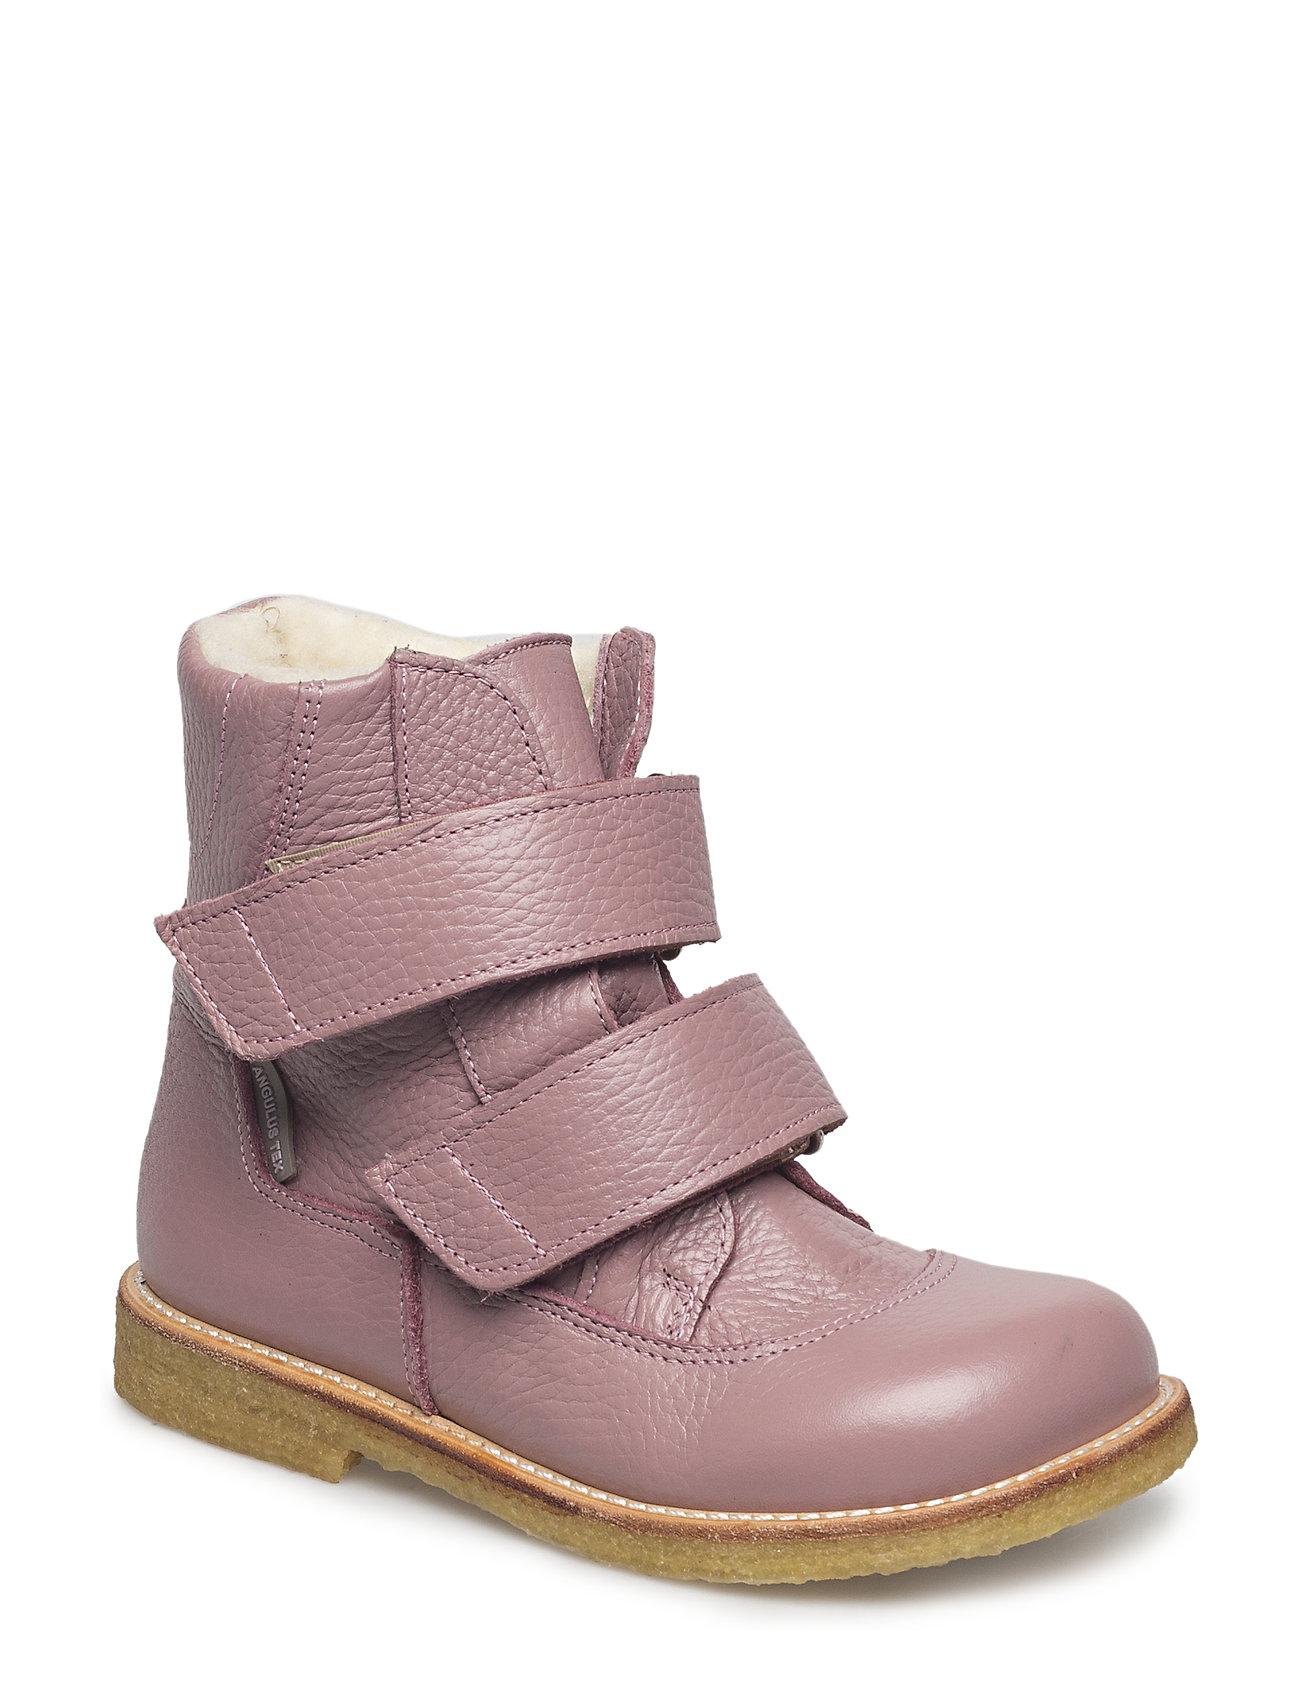 bdc1447155c6 ANGULUS støvler – Boots - Flat - With Velcro til børn i 1325 ...